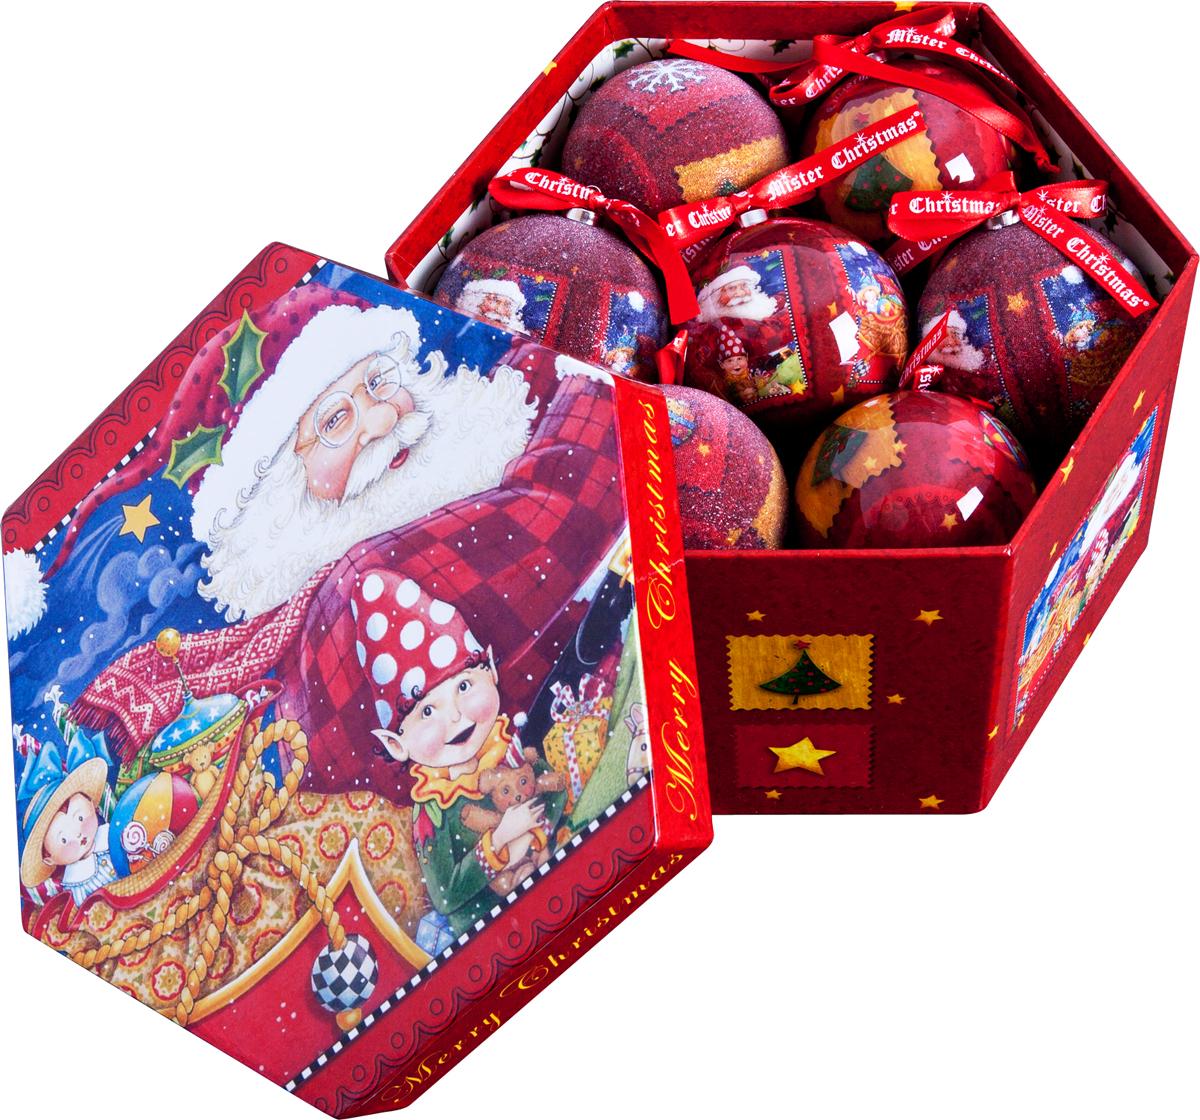 Набор новогодних подвесных украшений Mister Christmas Папье-маше, диаметр 7,5 см, 14 шт. PM-29-14 набор новогодних подвесных украшений mister christmas папье маше диаметр 7 5 см 14 шт pm 13 14